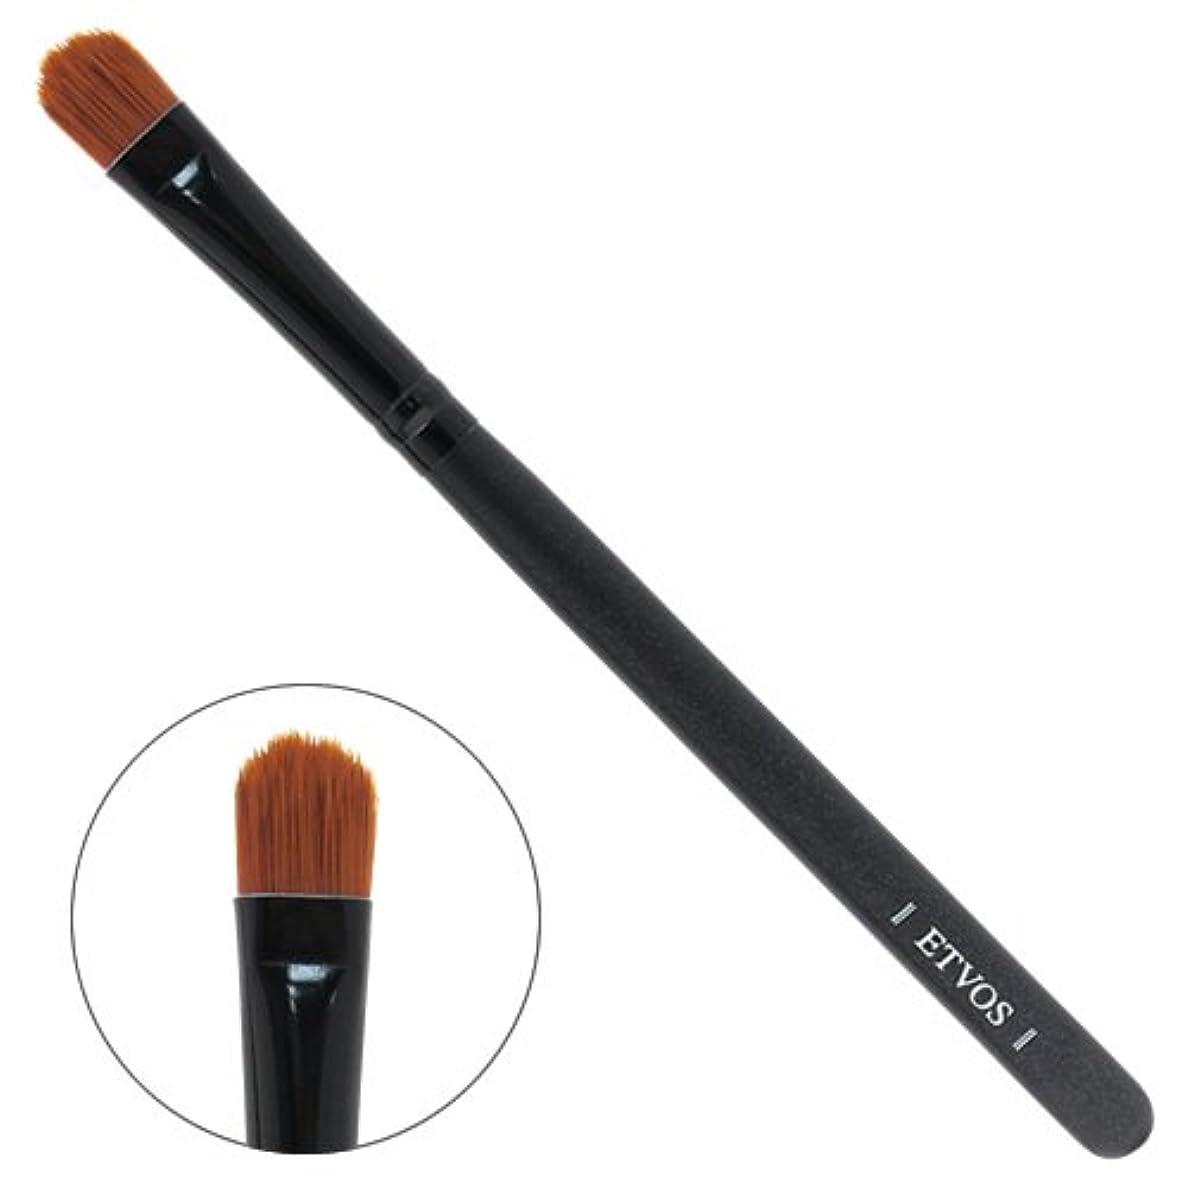 お勧め検査官マイルETVOS(エトヴォス) アイシャドーブラシ 平らで毛先を丸カット/アイシャドウ用化粧筆 重ね塗り対応 14cm